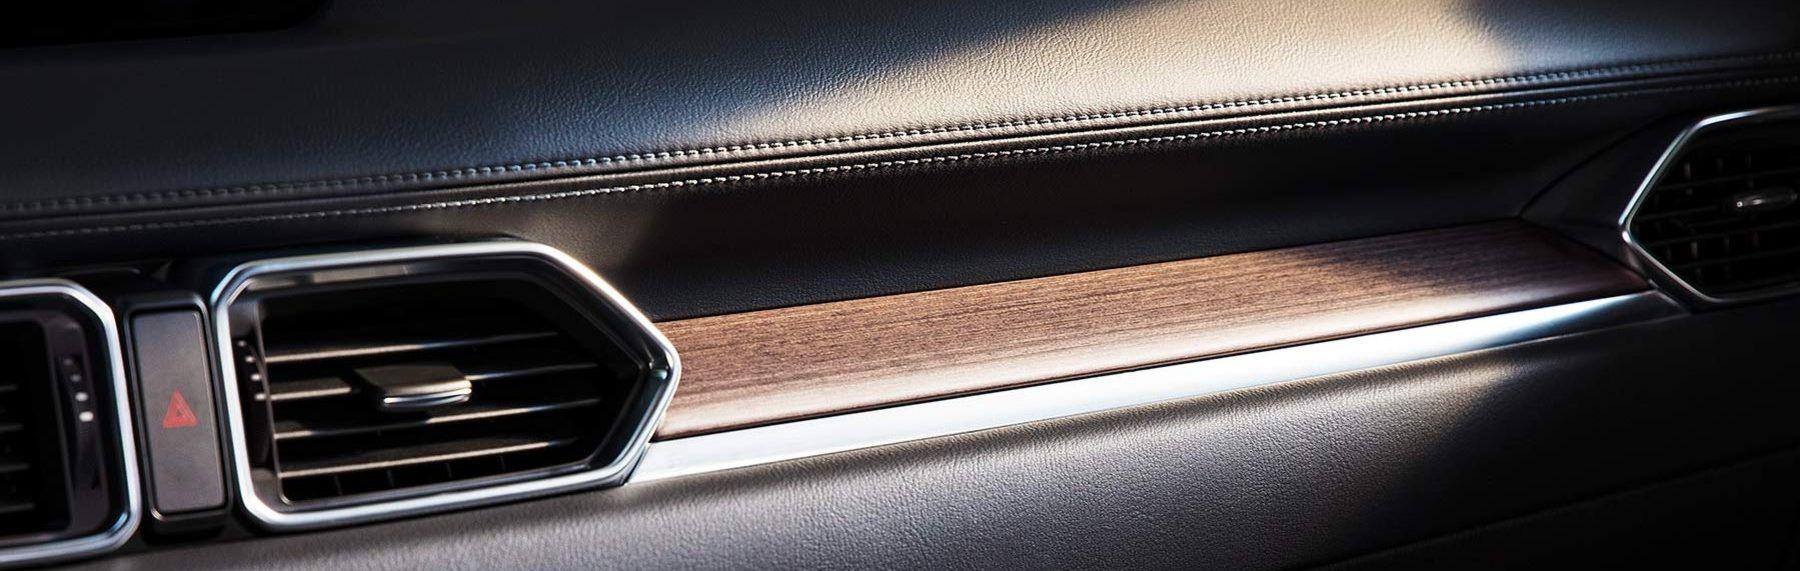 Beautiful Trim in the 2019 Mazda CX-5